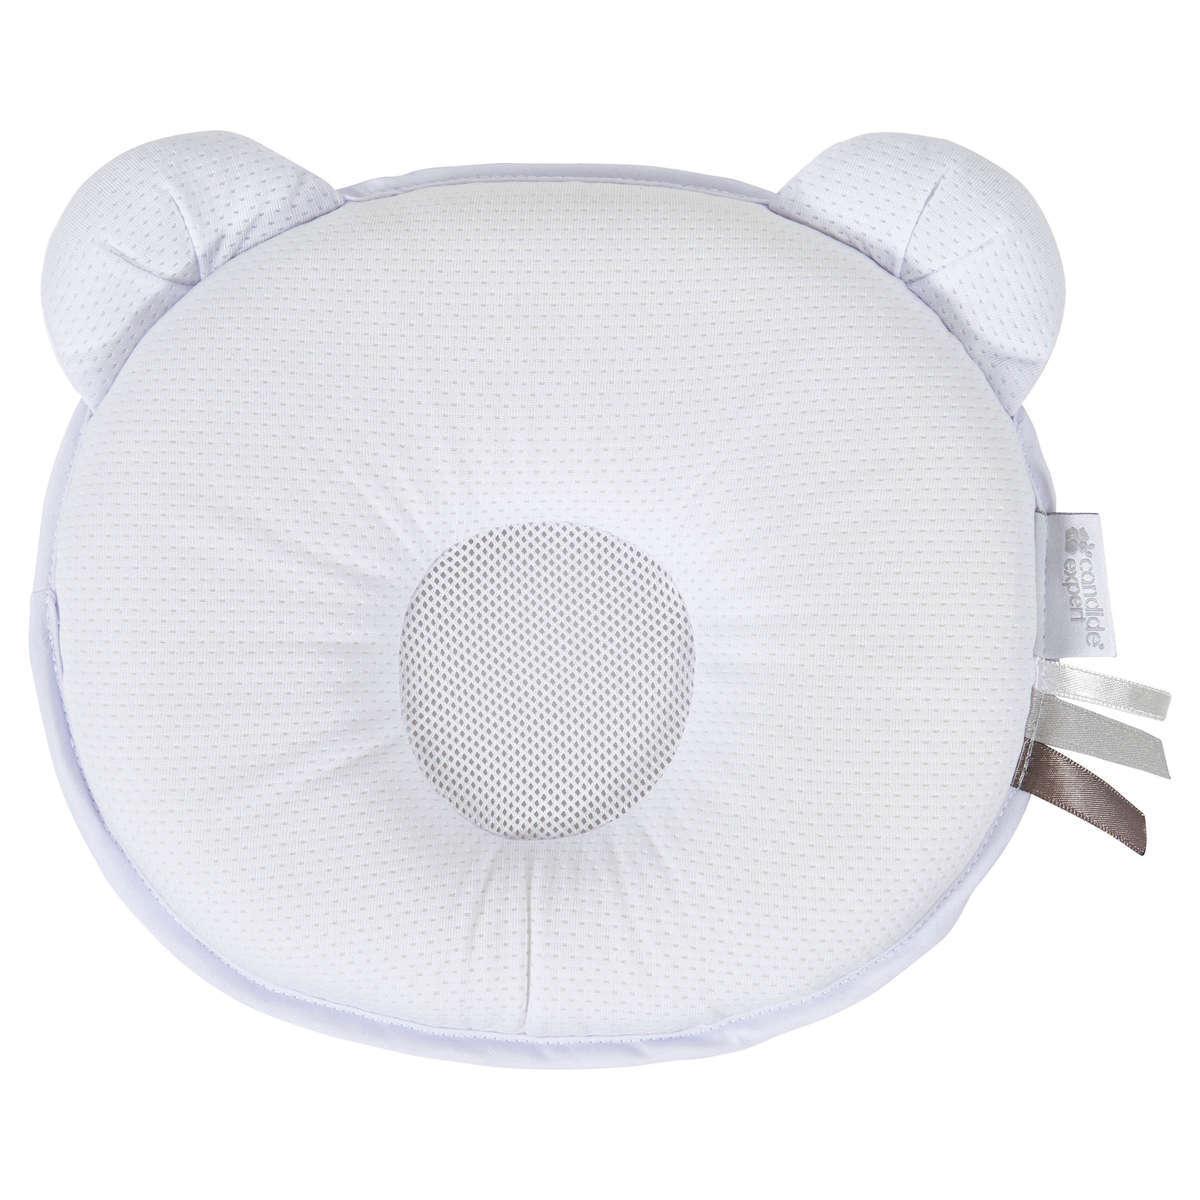 Cale-bébé Cale bébé P'tit Panda Air+ - Blanc Cale bébé P'tit Panda Air+ - Blanc